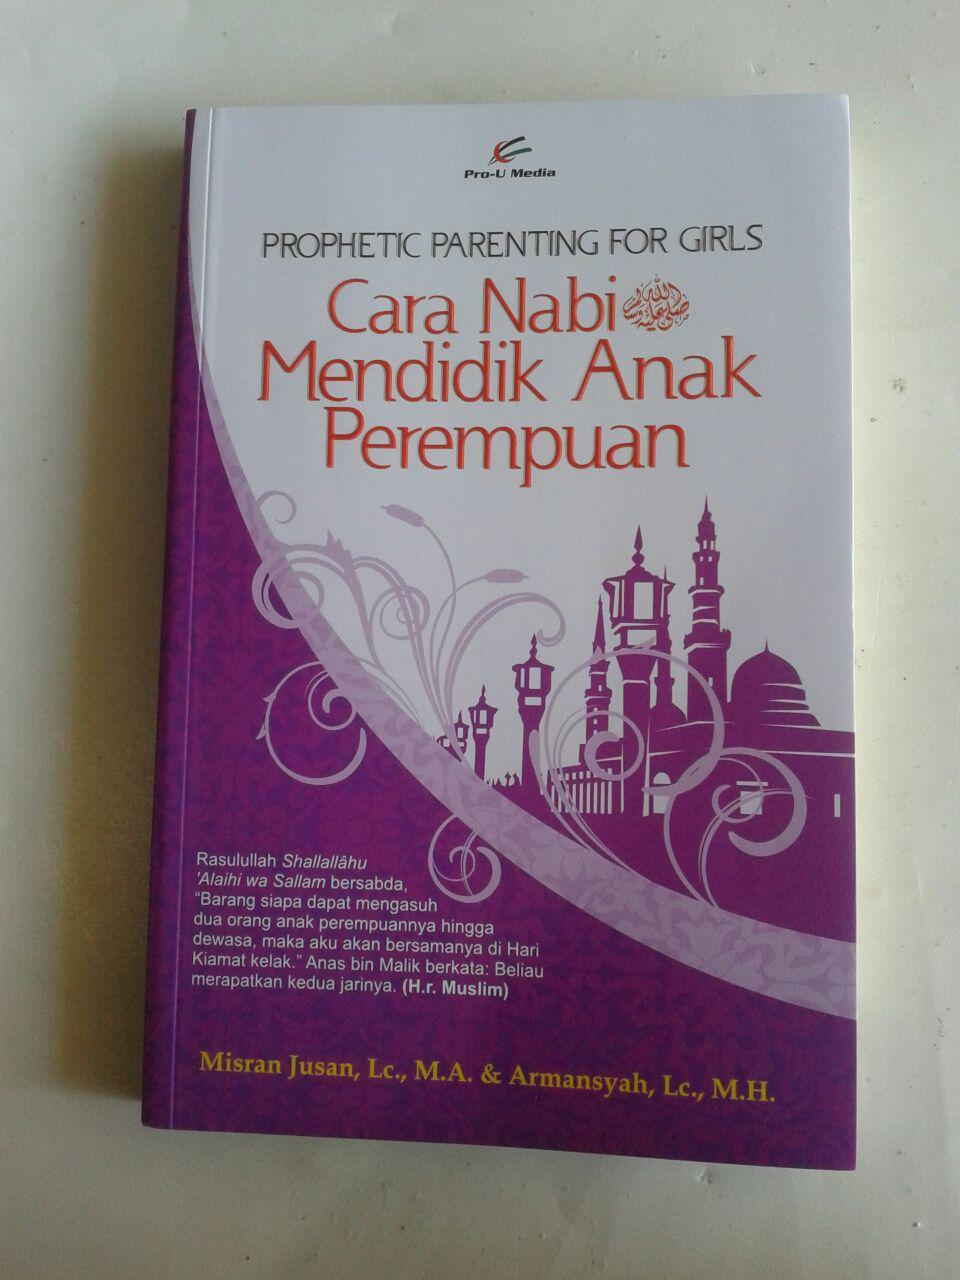 Buku Cara Nabi Mendidik Anak Perempuan cover 2